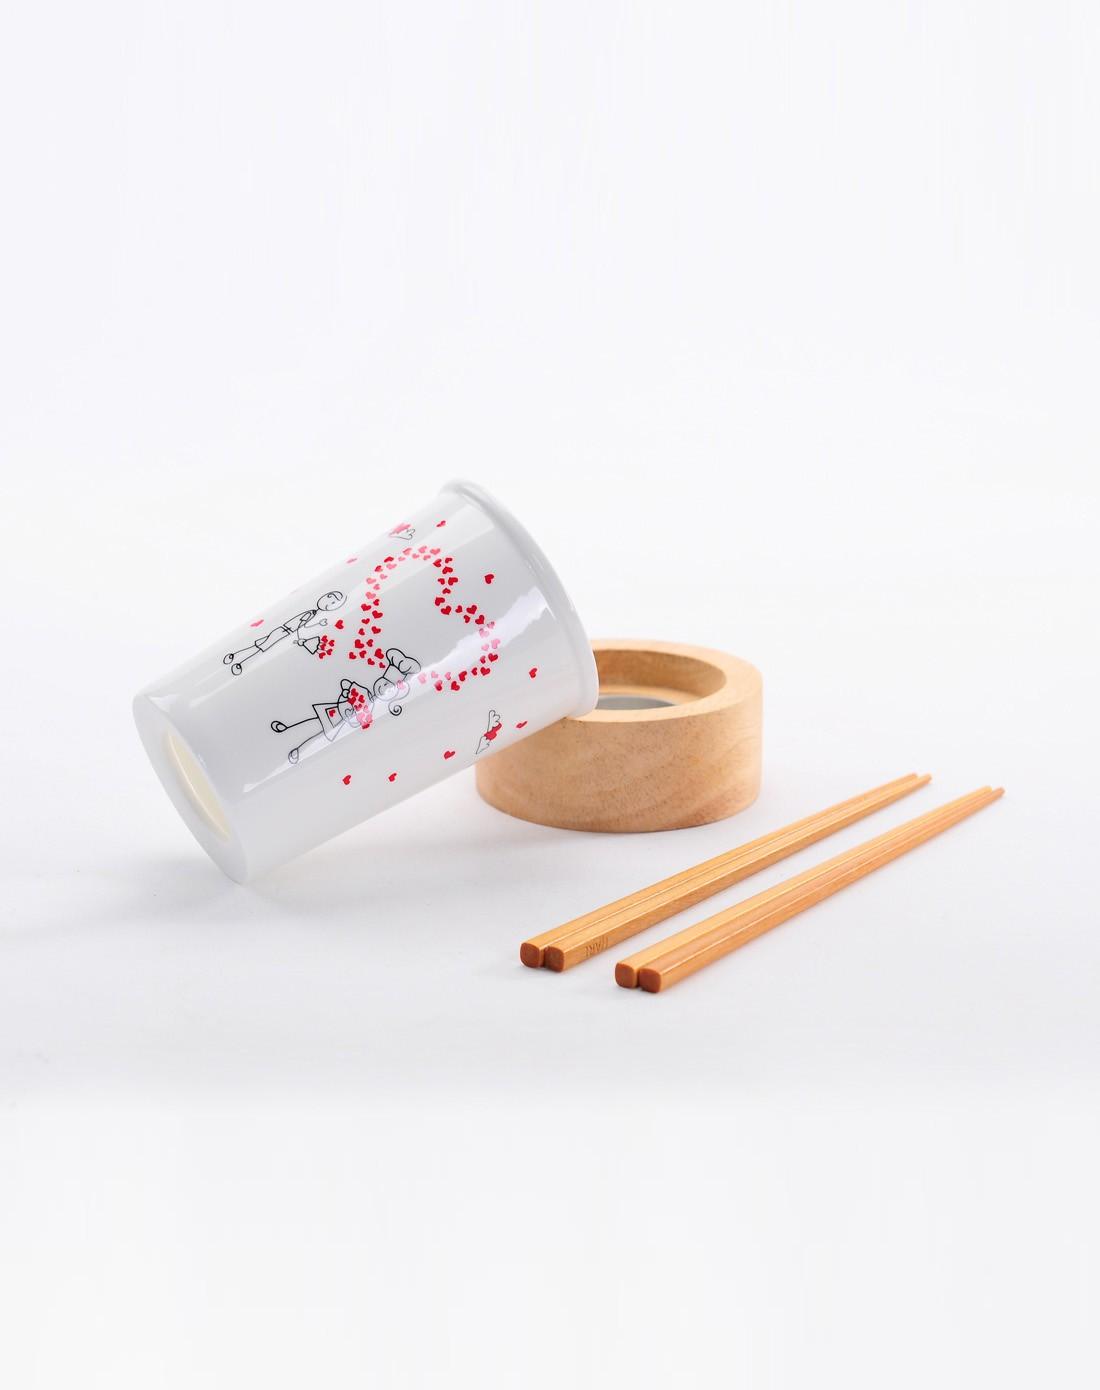 爱情简笔画筷子筒 甜蜜双人游